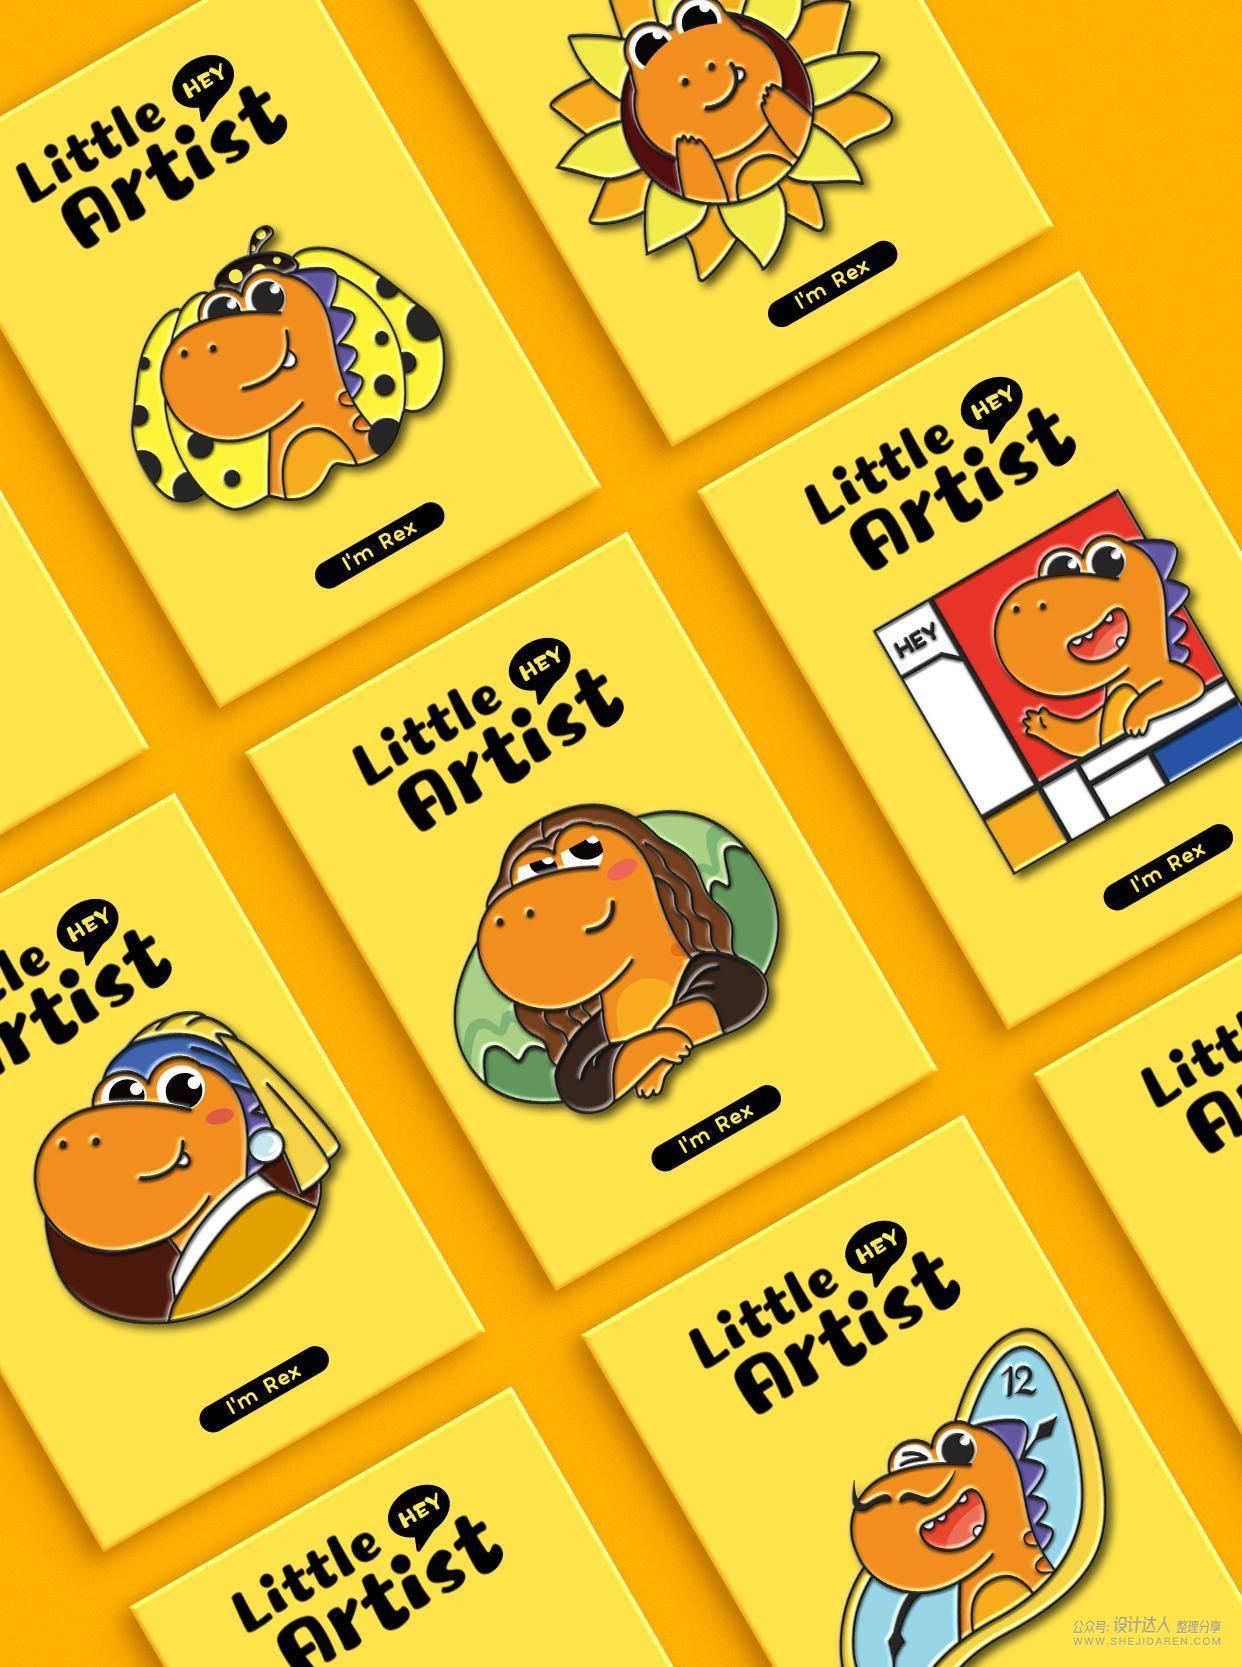 瓜瓜龙儿童启蒙品牌,从零到一设计全过程揭秘